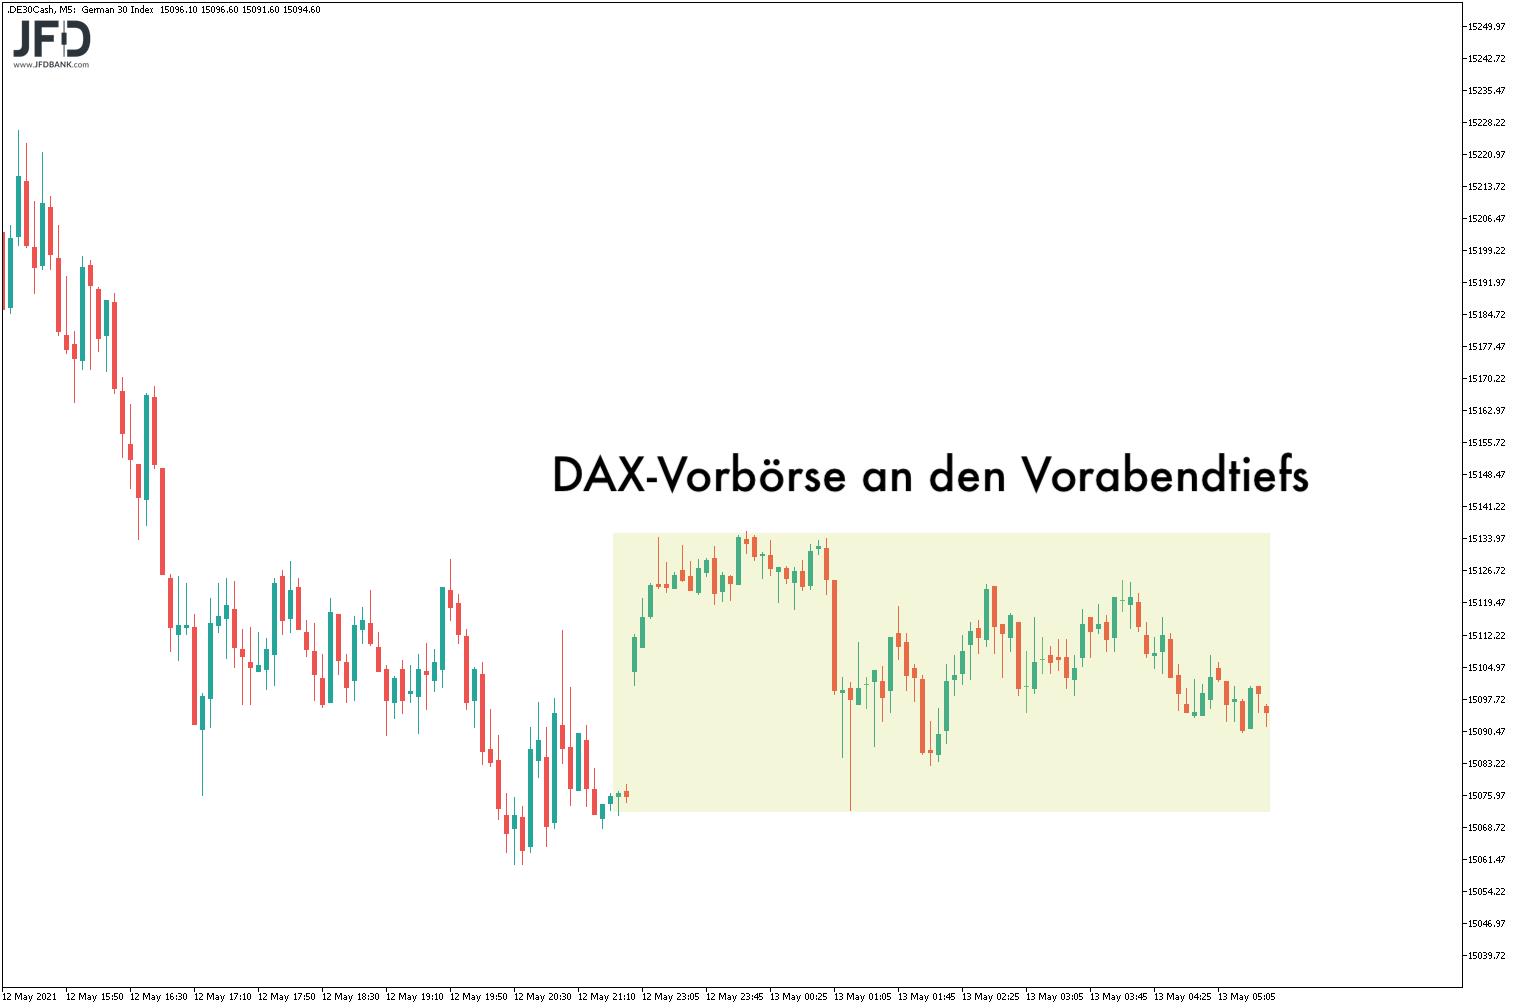 DAX-Vorbörse am 13.05.2021